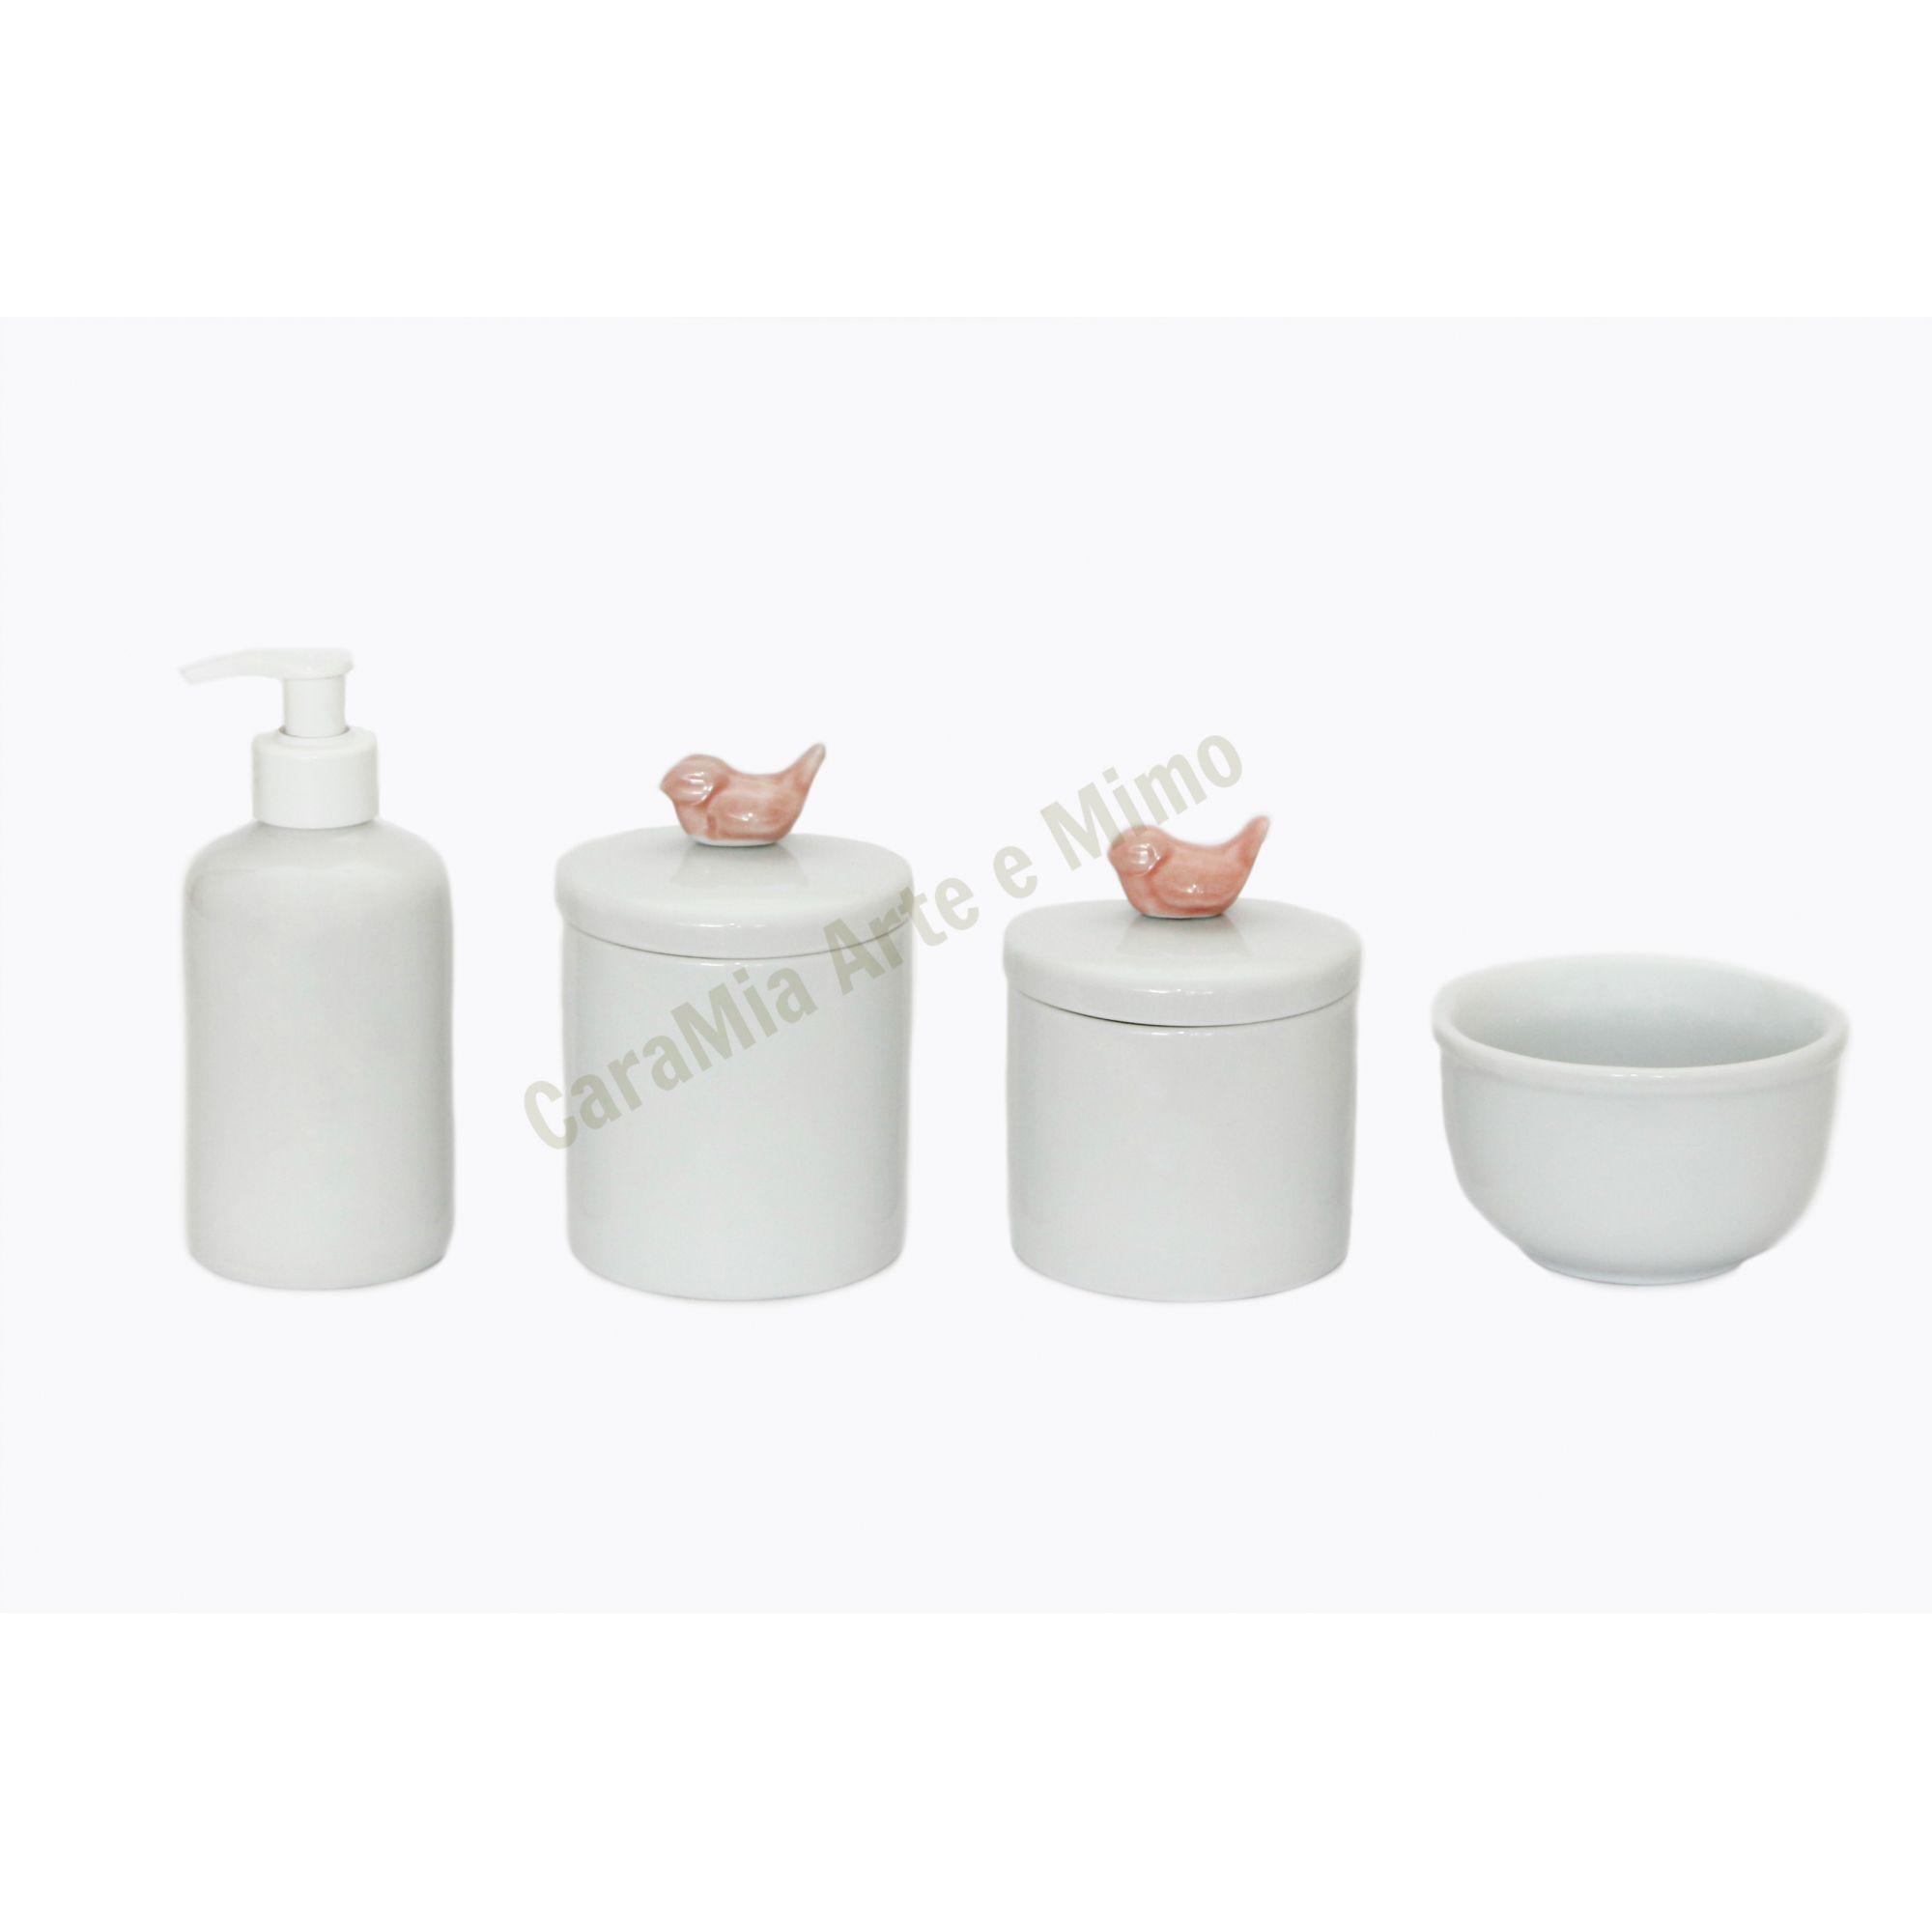 Kit Higiene Bebê Porcelana | Pássaros Pequenos Rosa Antigo | 4 peças